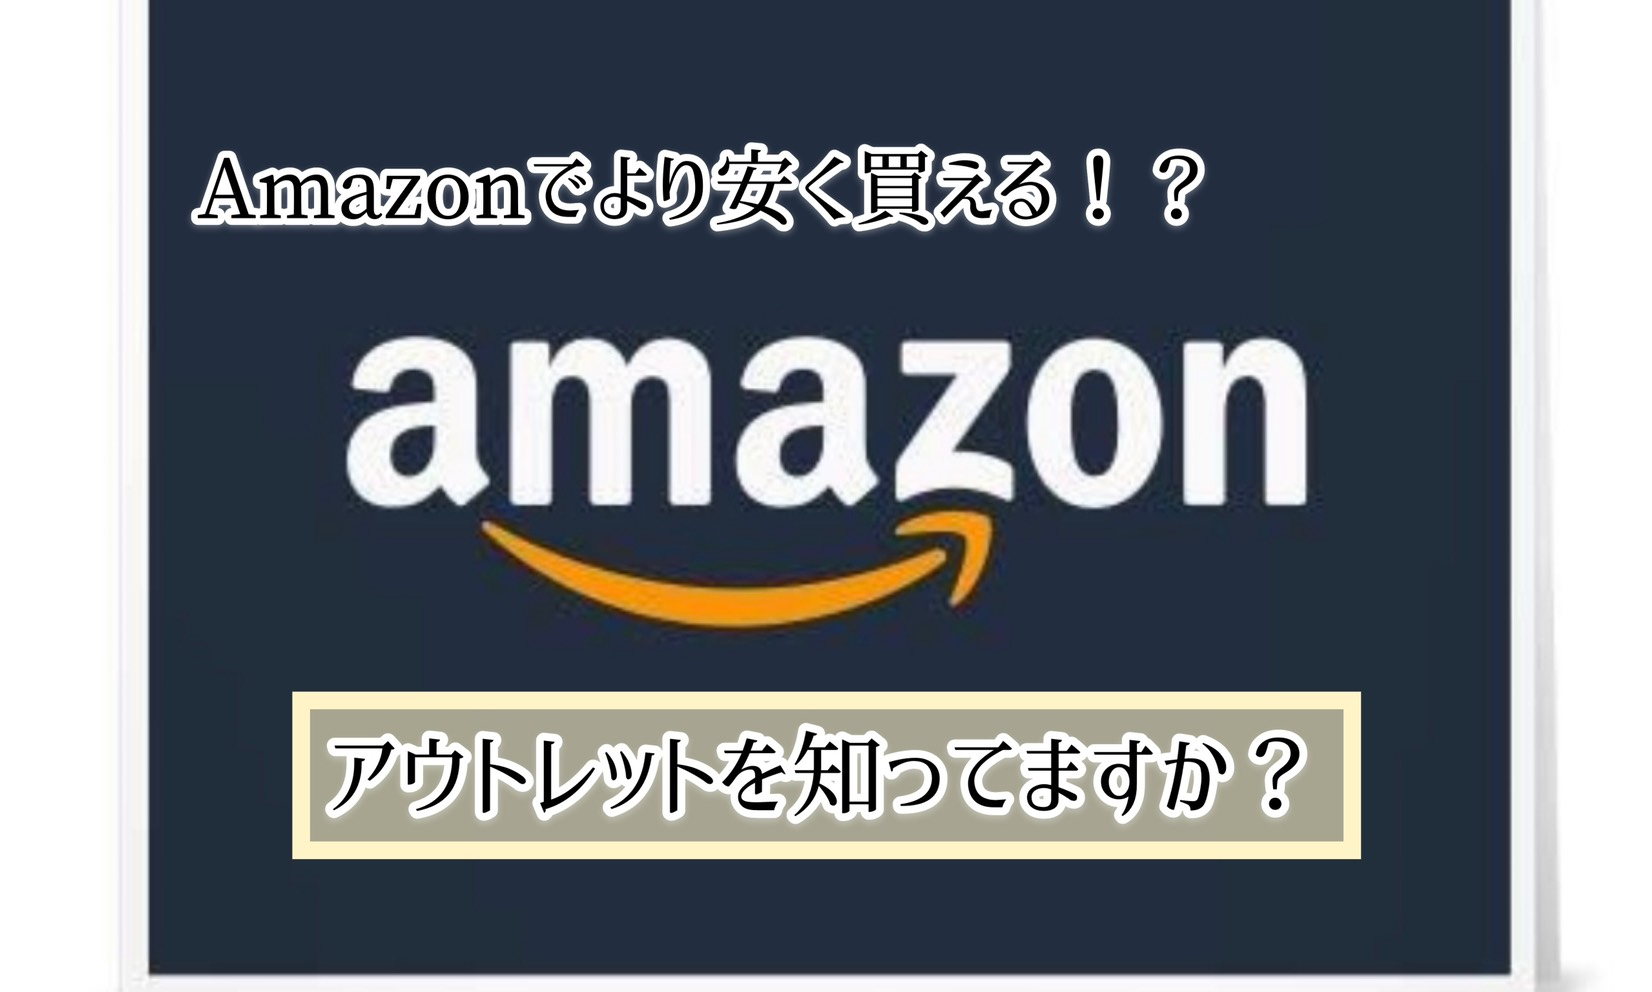 Amazon アウトレット と は